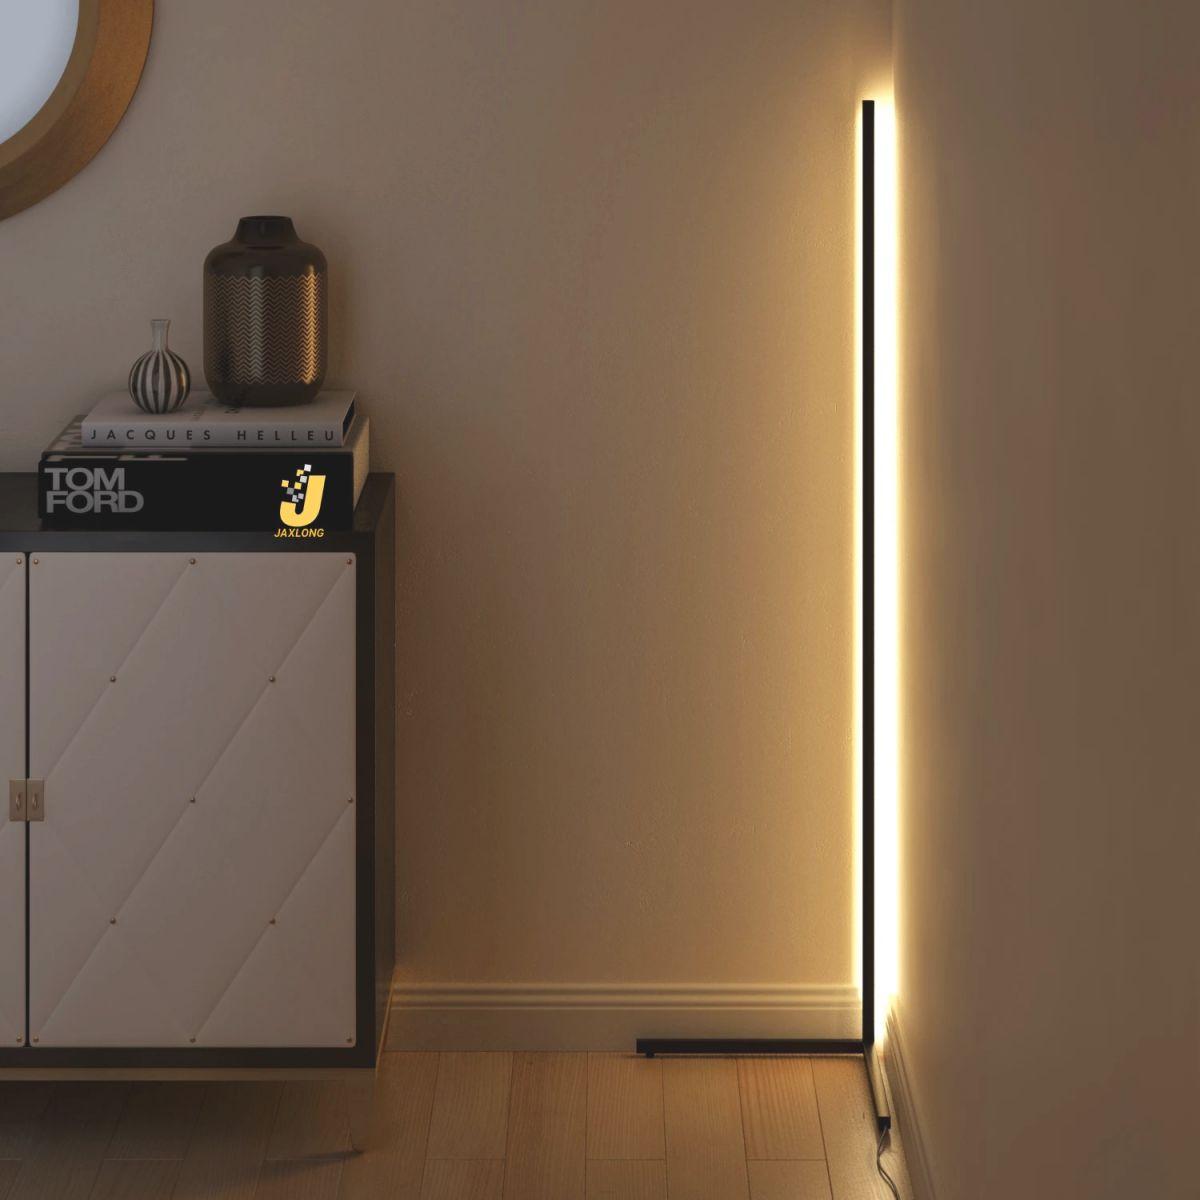 Us $89.0 20% Off|Nordic Creative Floor Lamps Corner Minimalist Floor Light Home Bright Light Bedroom Bedside Standing Lamp Living Room in 10+ Unique Gallery Bright Floor Lamp For Living Room